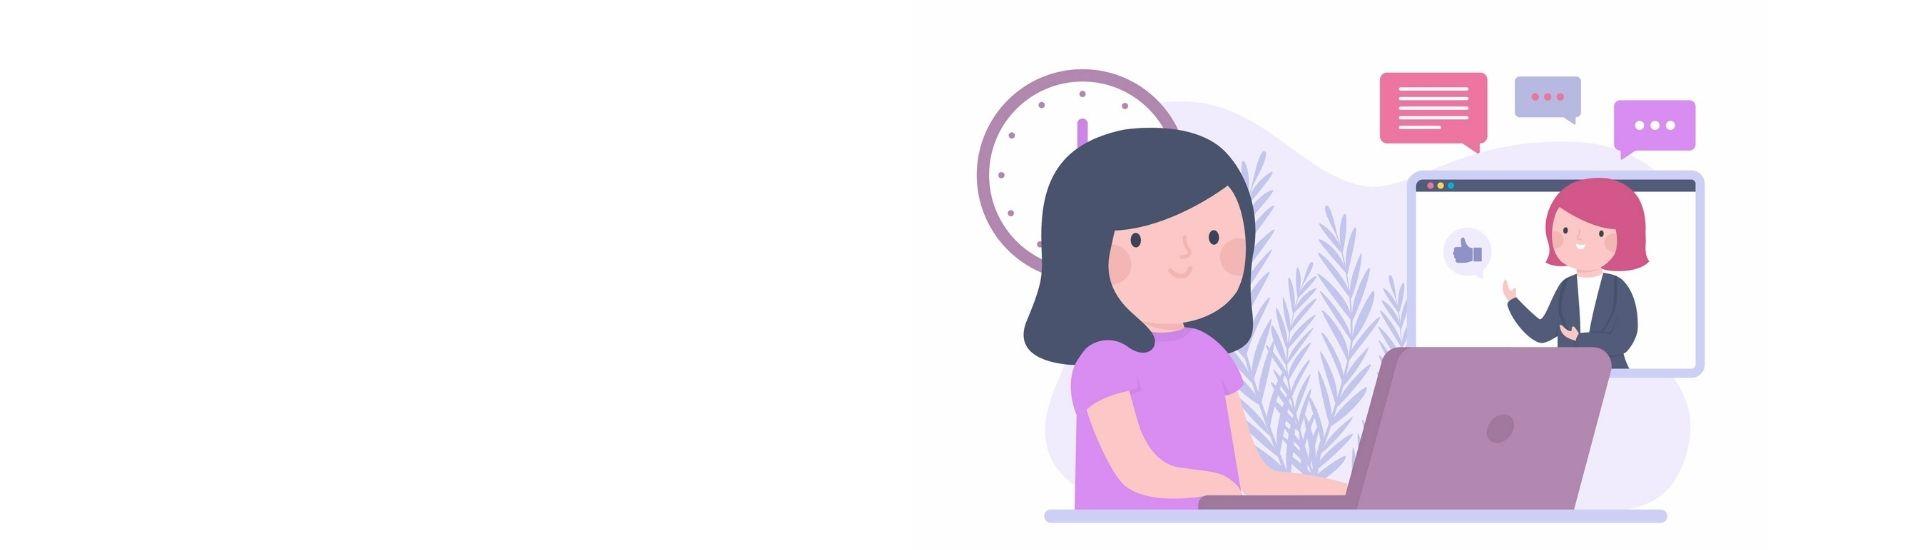 Ilustración que muestra como es la nueva enseñanza, con una niña en su computador y con la sala presente en una imagen. Ilustración de Freepik.